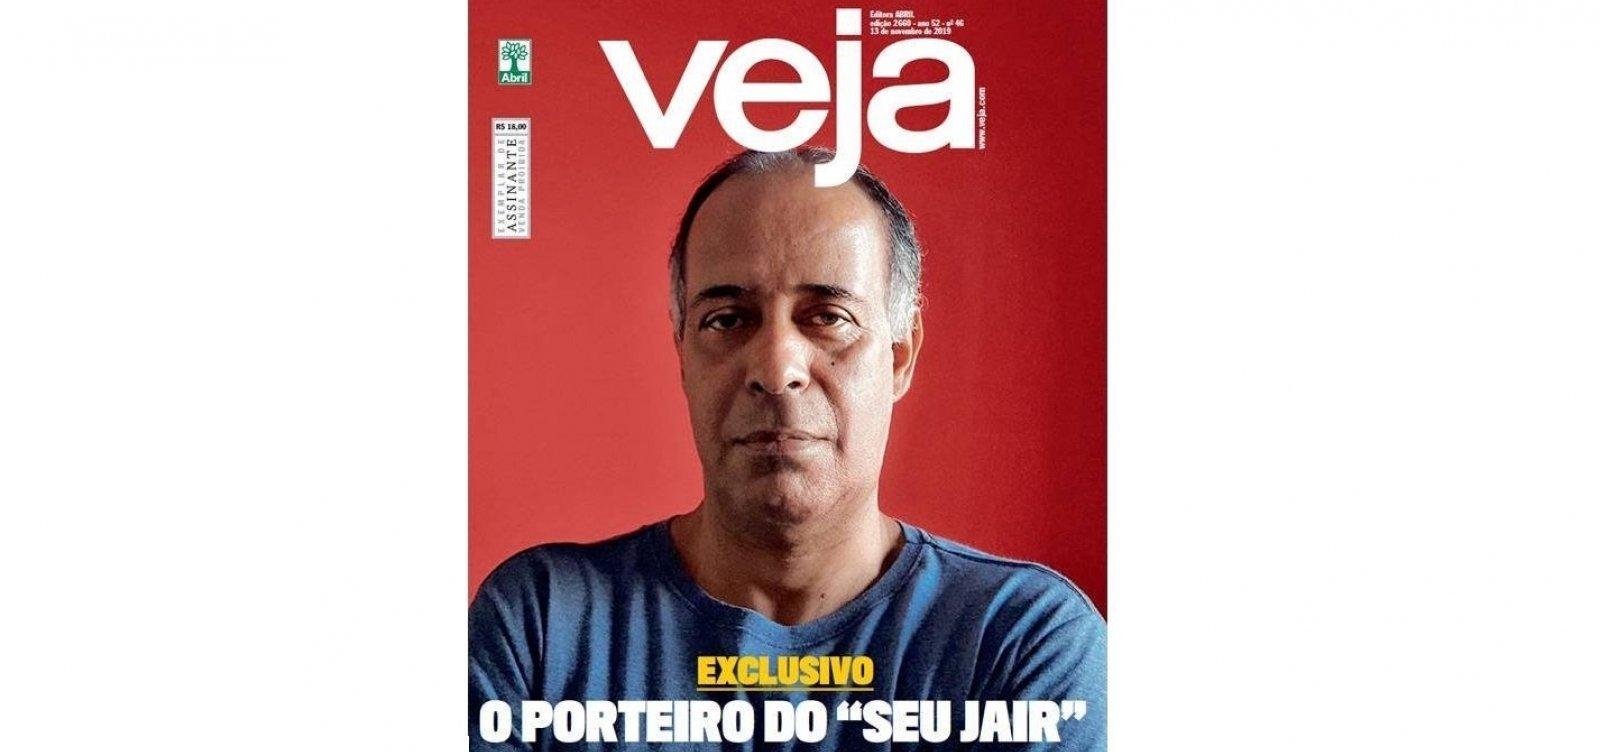 [Porteiro do condomínio de Bolsonaro muda depoimento à PF]